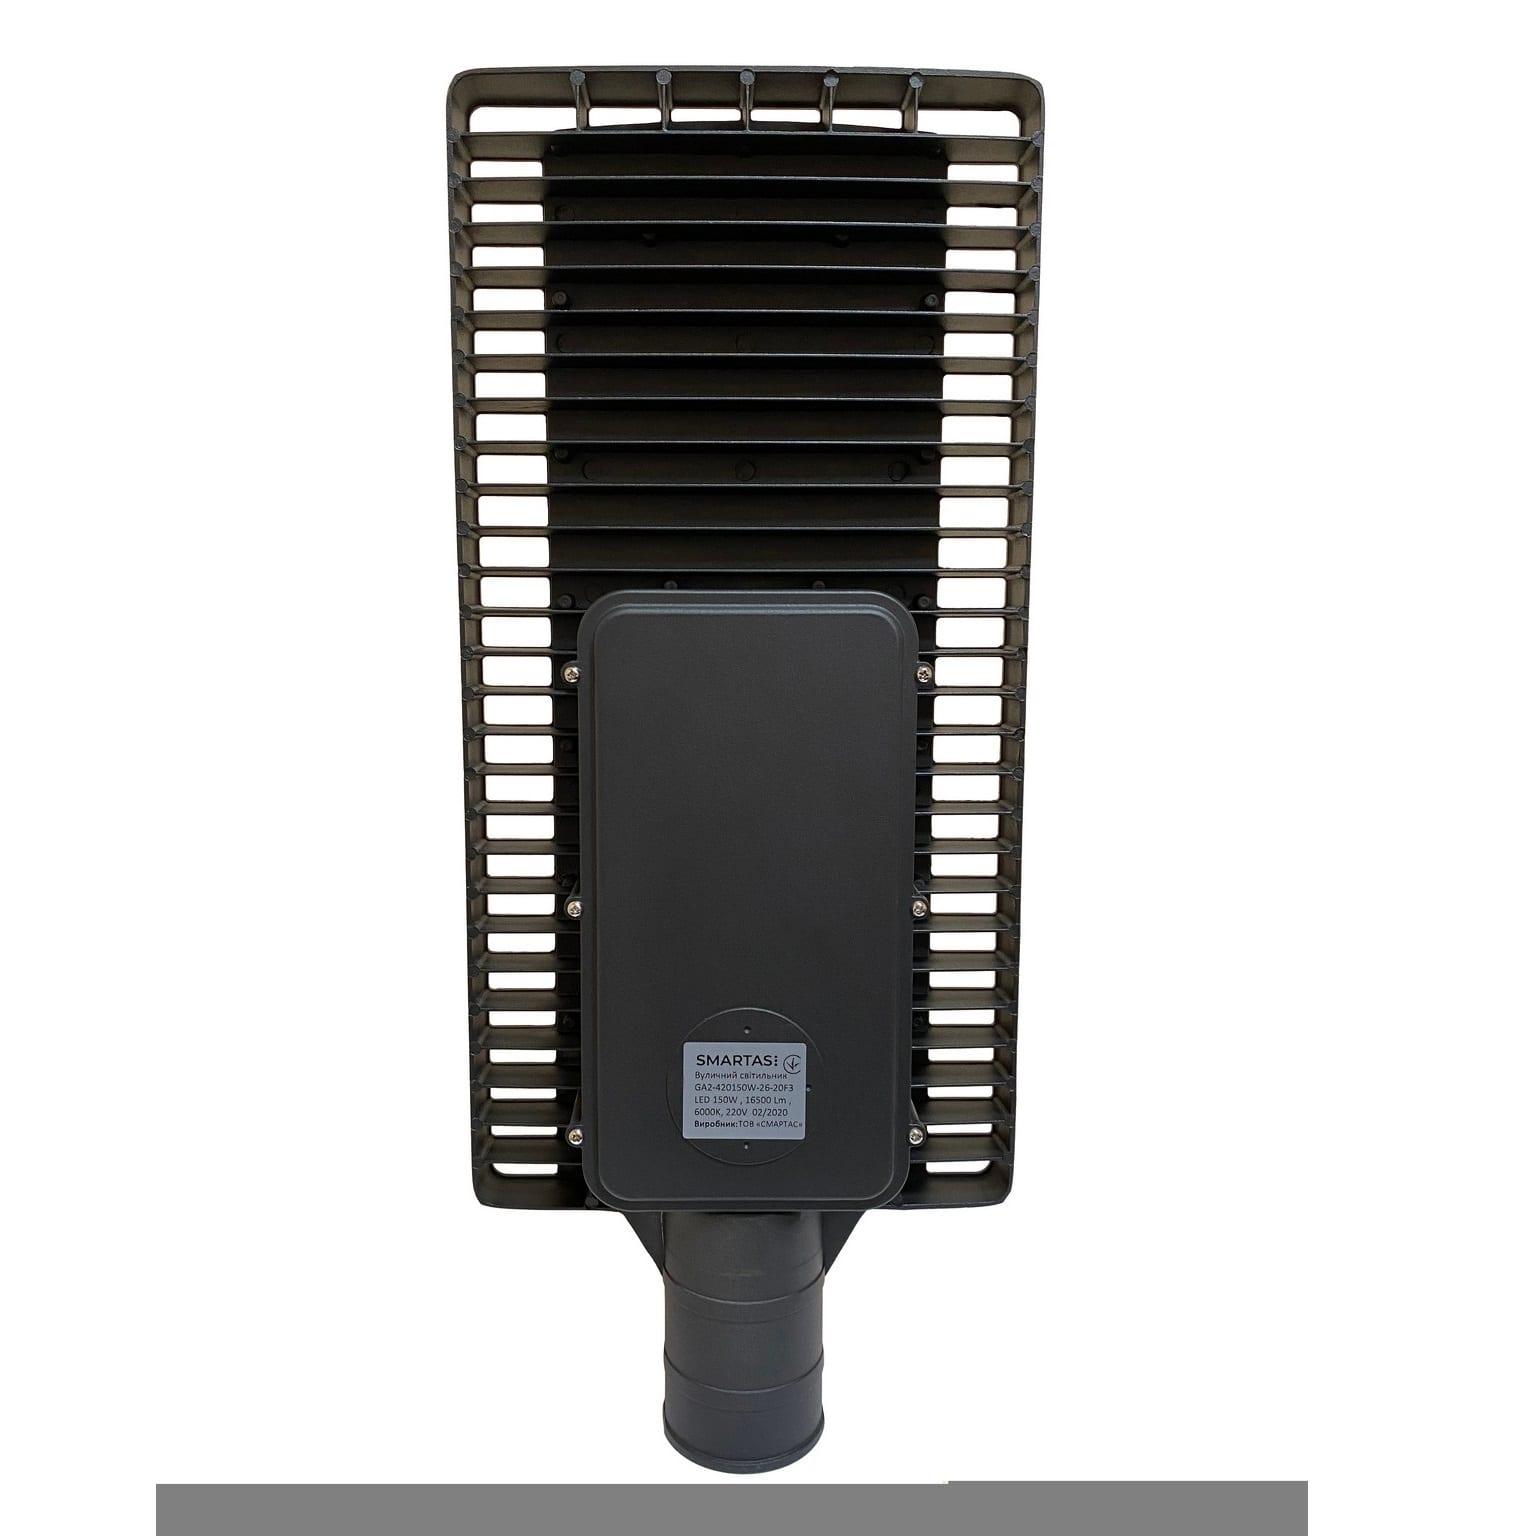 Уличные LED светильники - Консольный уличный светильник 100 Вт SMARTAS LED (GAYTANA) 000001816 - Фото 2